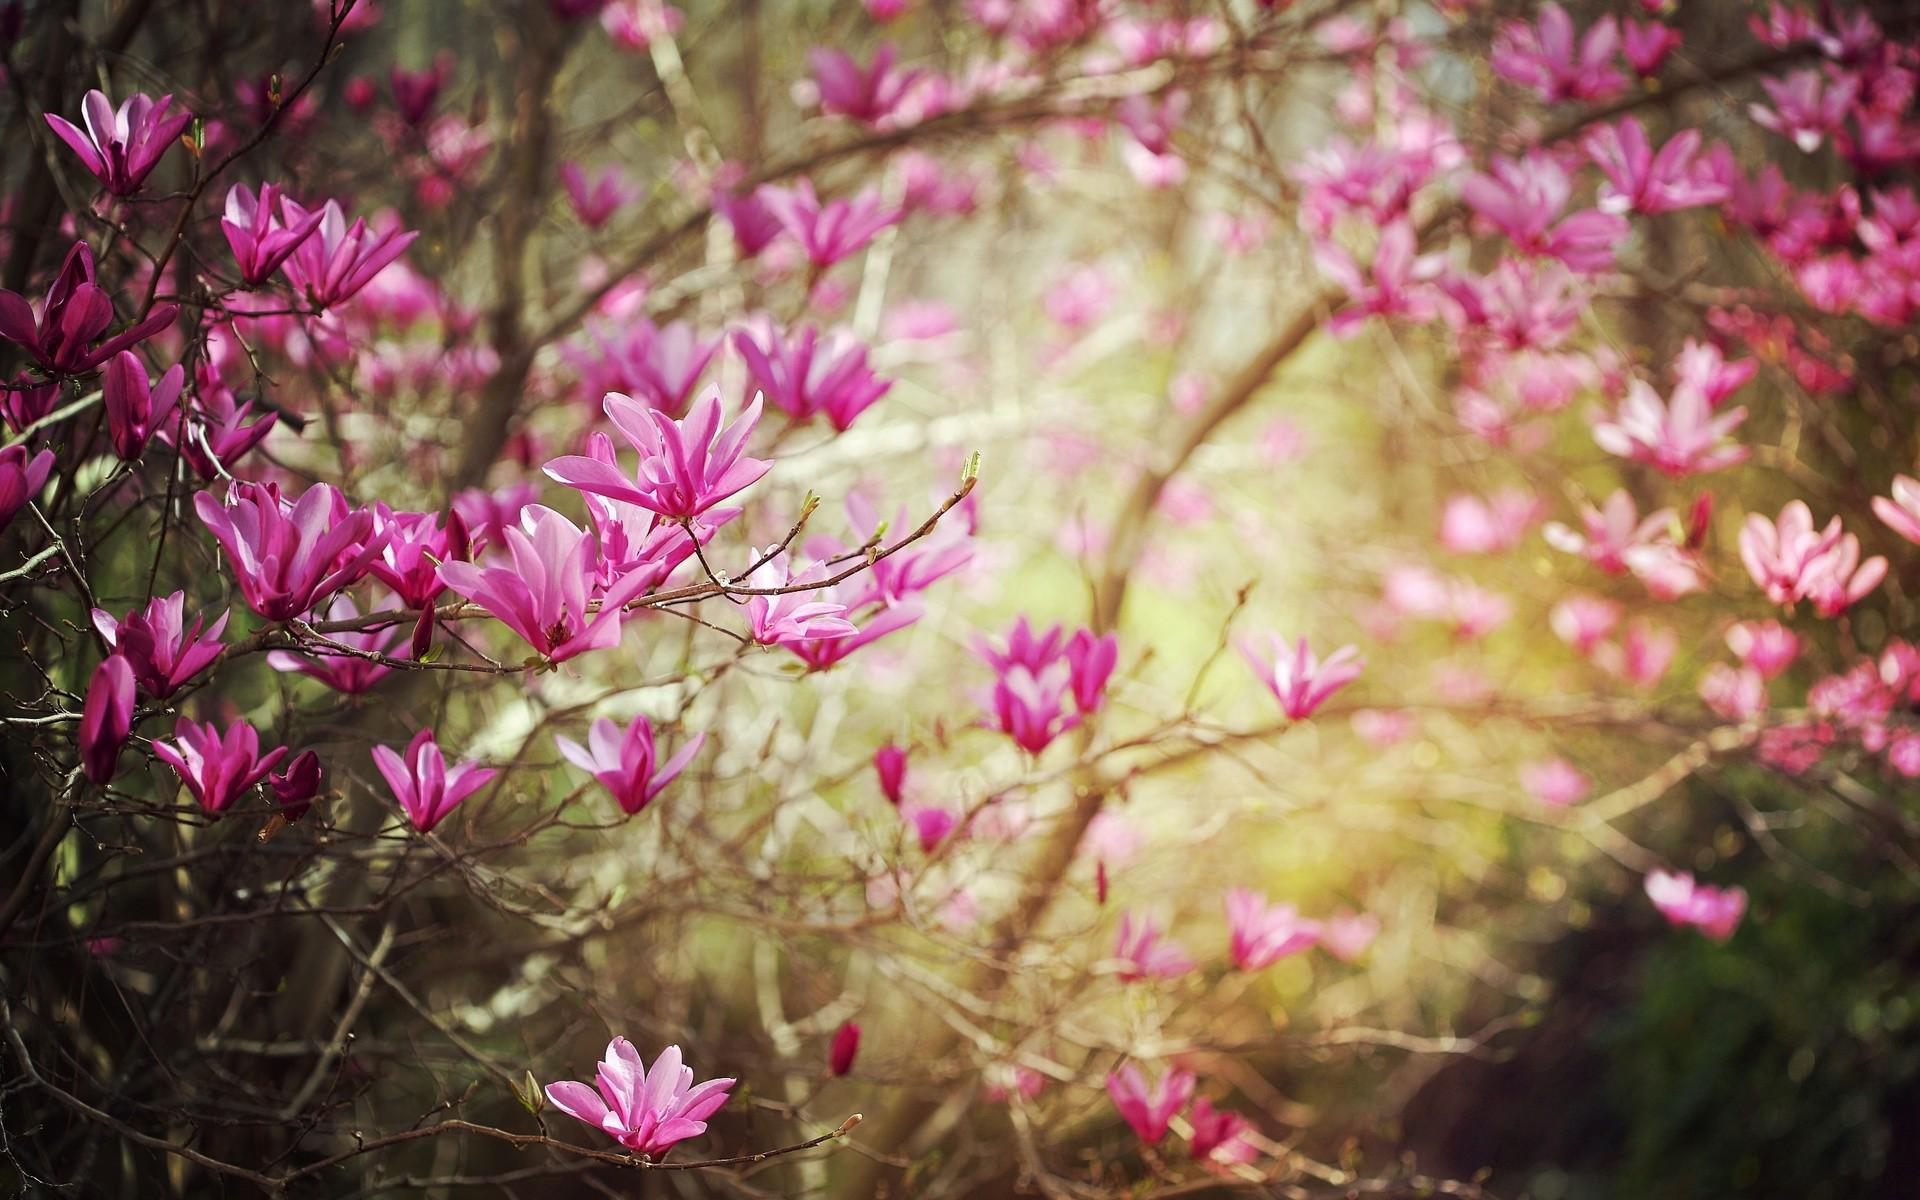 spring blooming flowers desktop backgrounds - flowers healthy